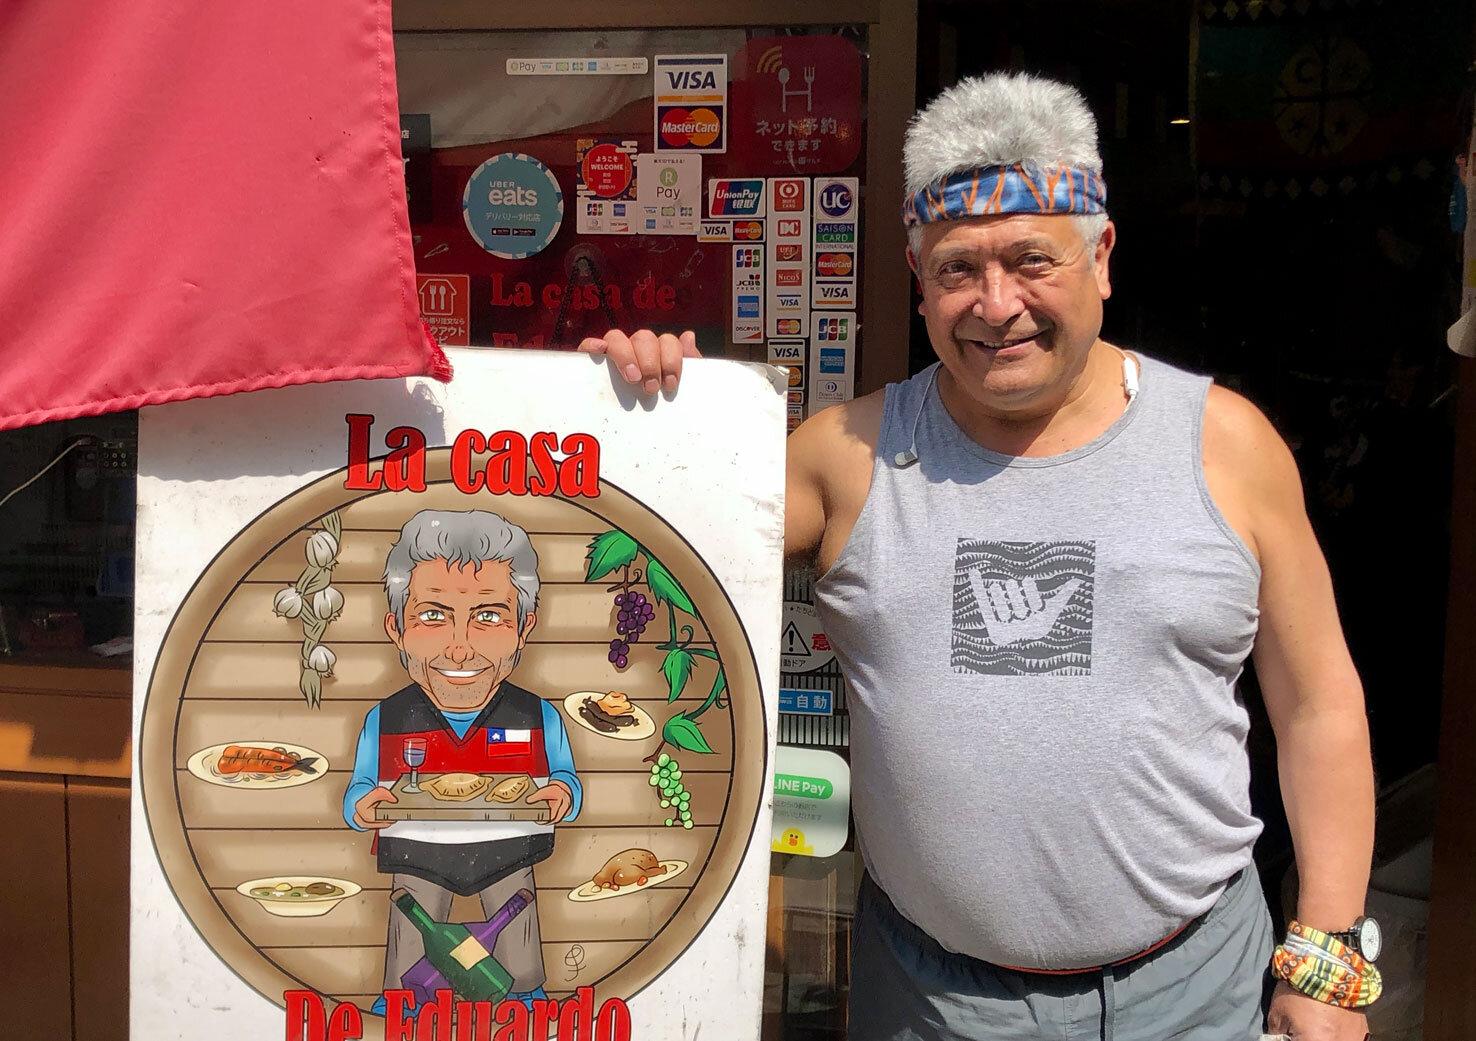 心のこもったチリの家庭料理店「カーサ・デ・エドゥアルド」